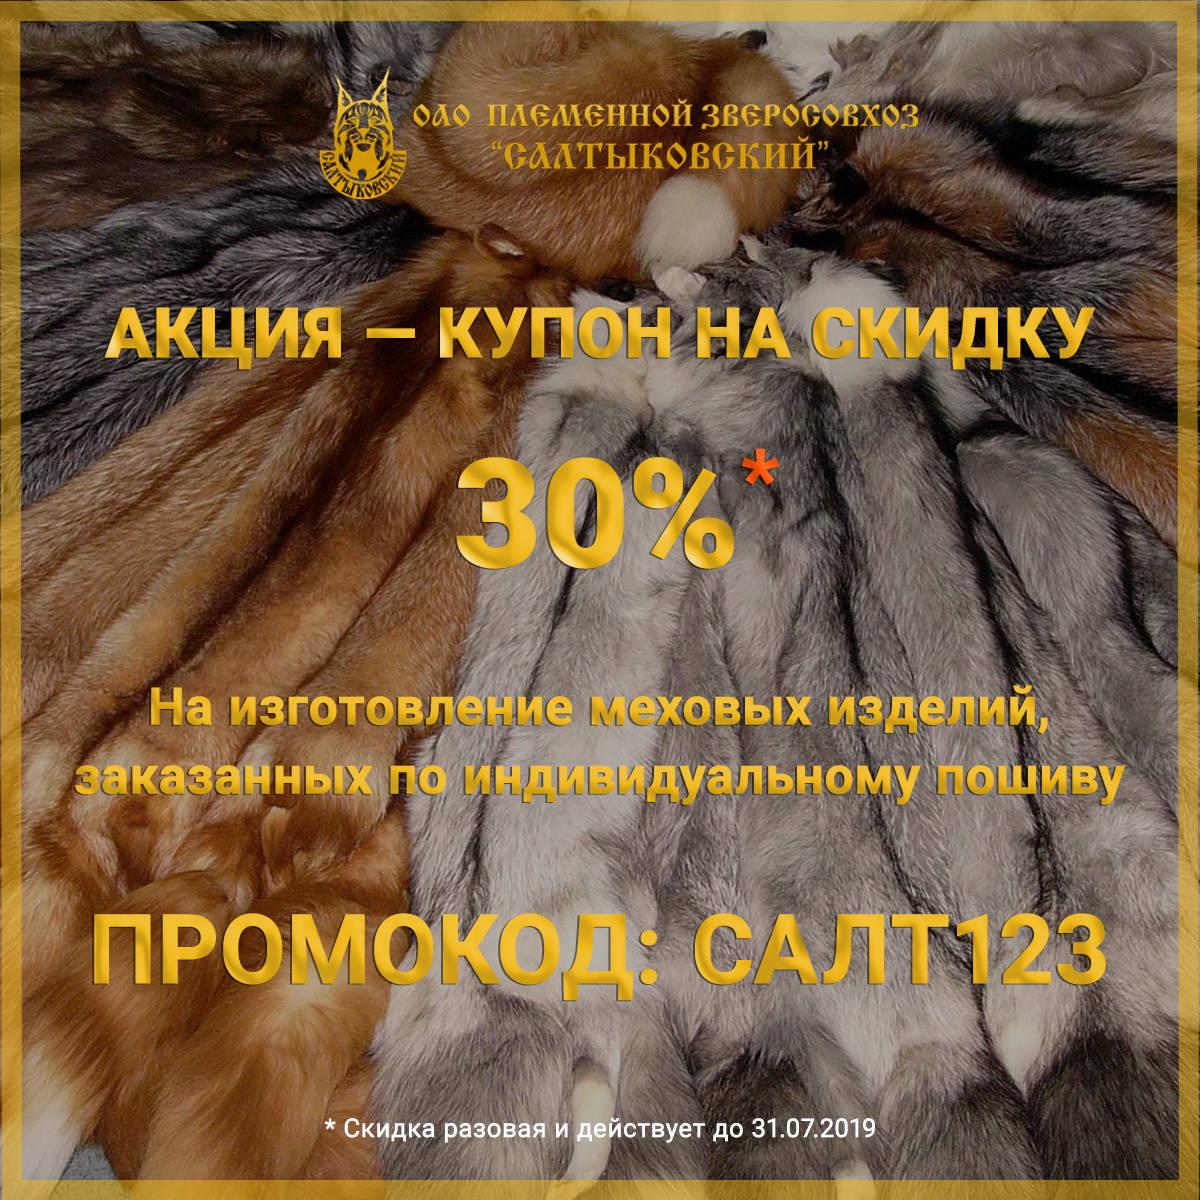 Скидка 30% на изготовление изделий из меха